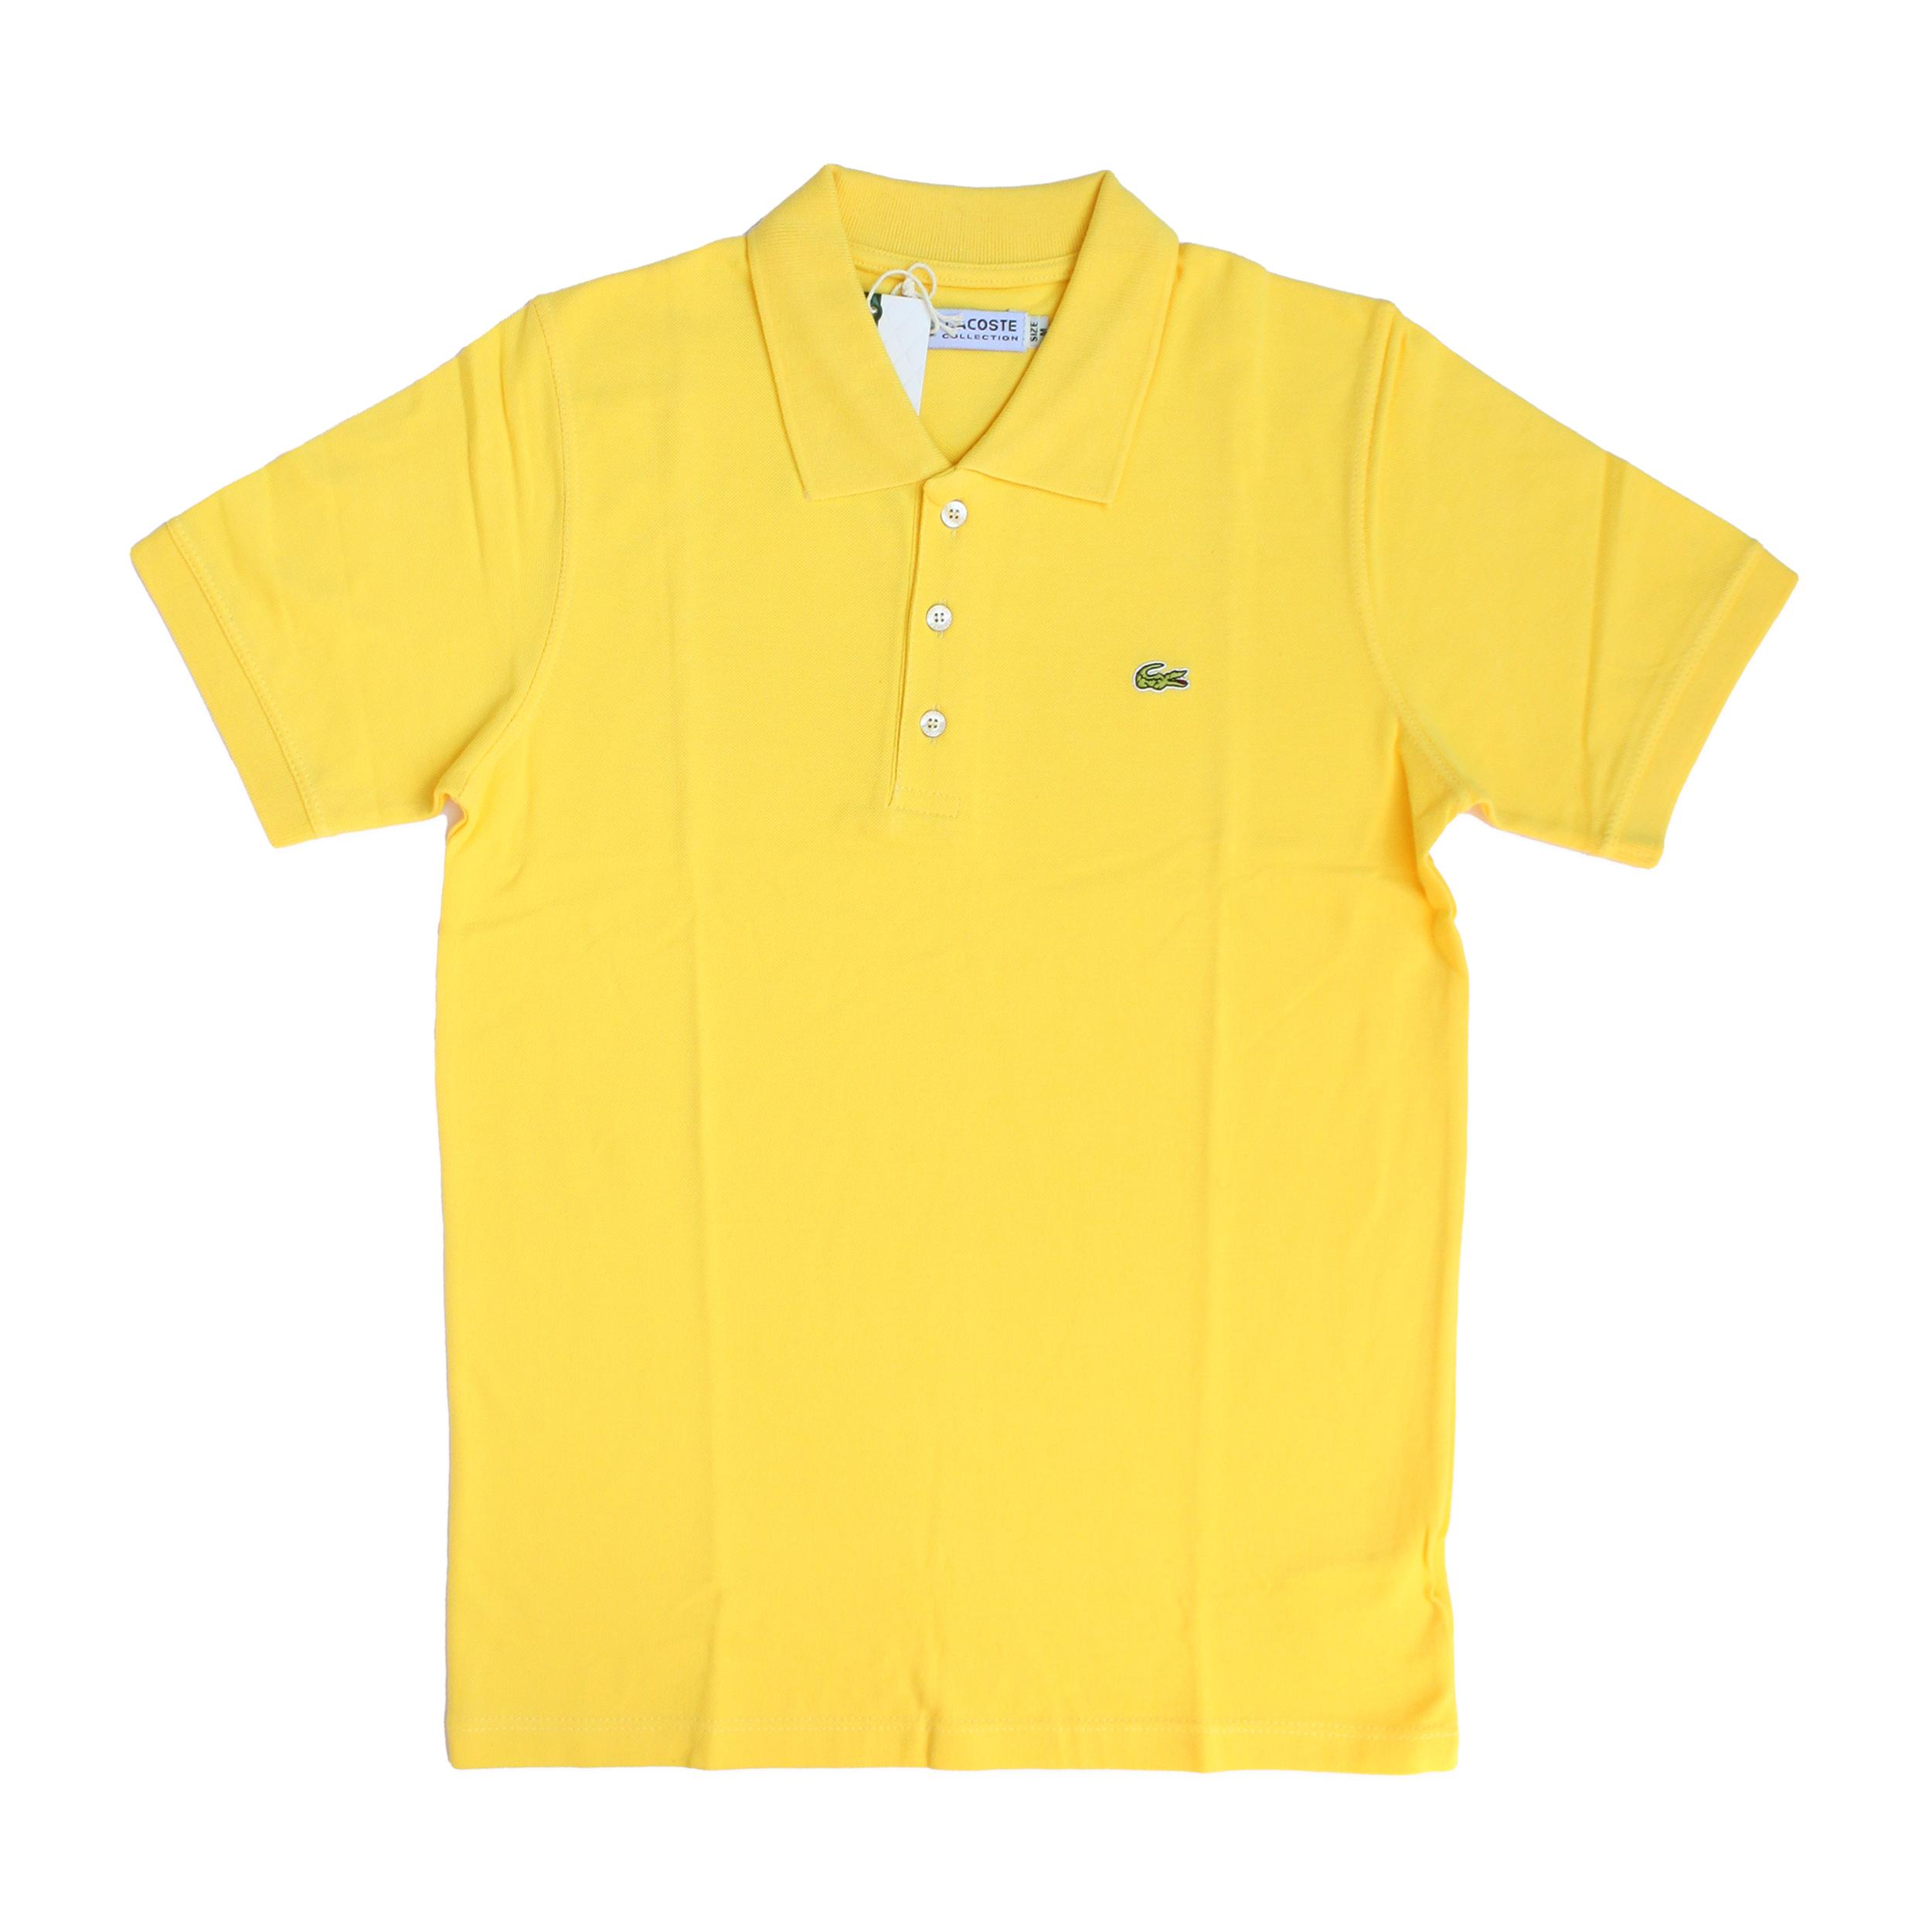 پلوشرت آستین کوتاه مردانه مدل 990039